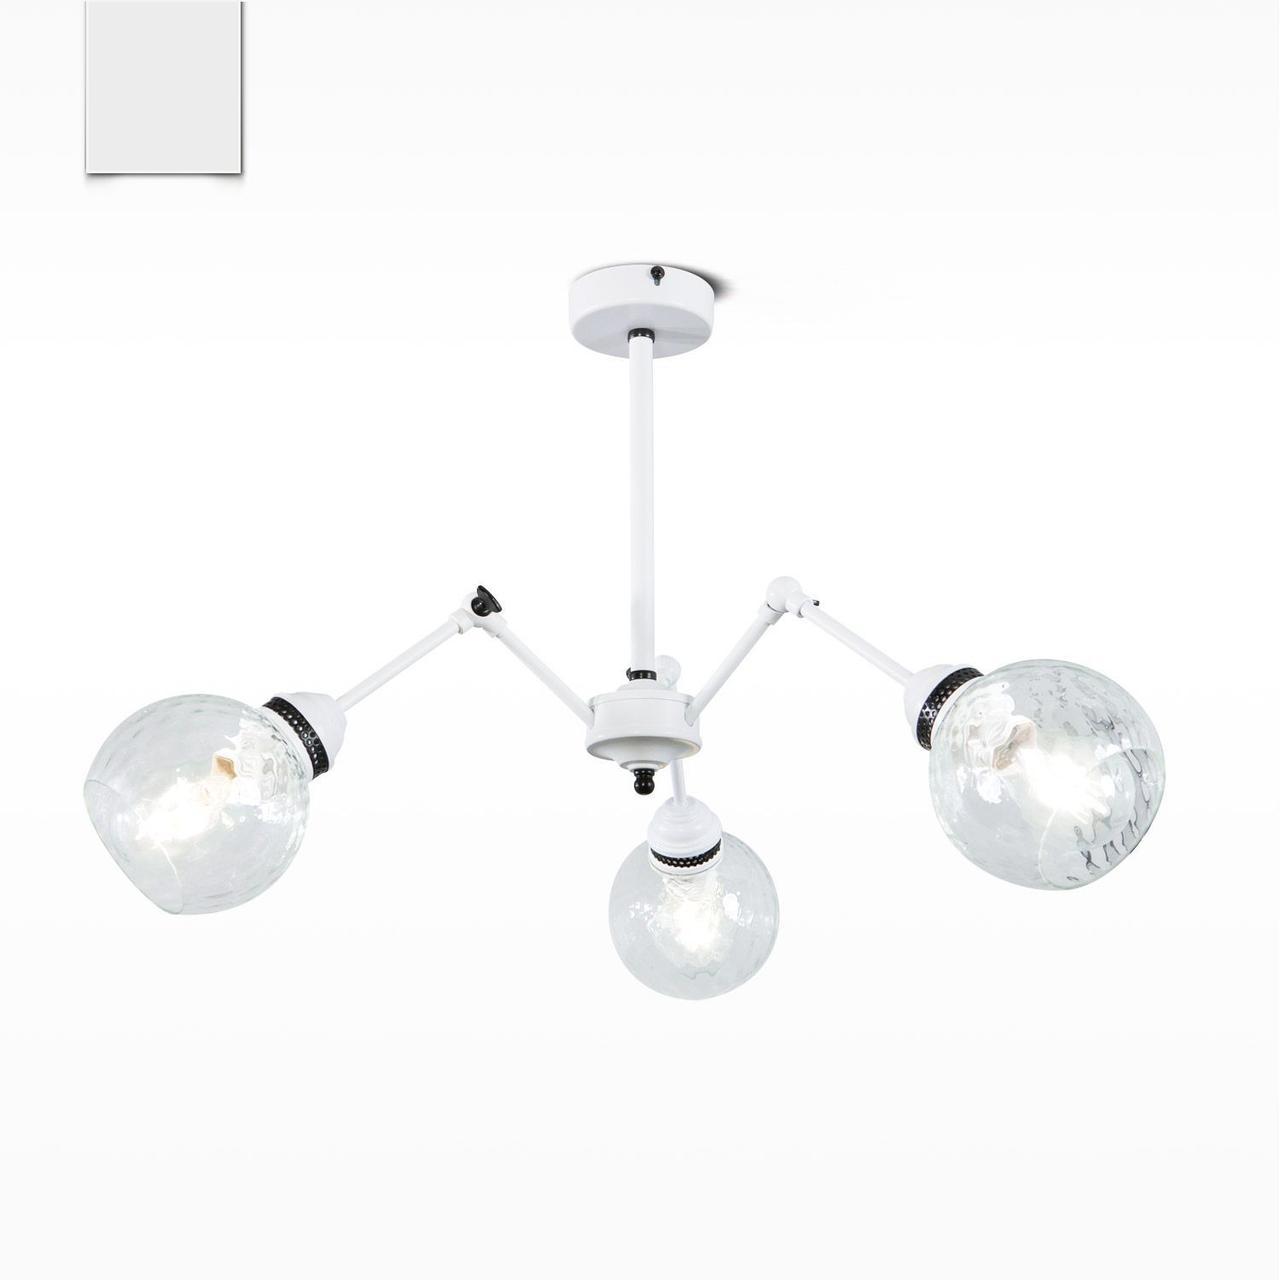 Люстра трансформер металлическая со стеклянными шарами в стиле лофт на кухню, в коридор 20333